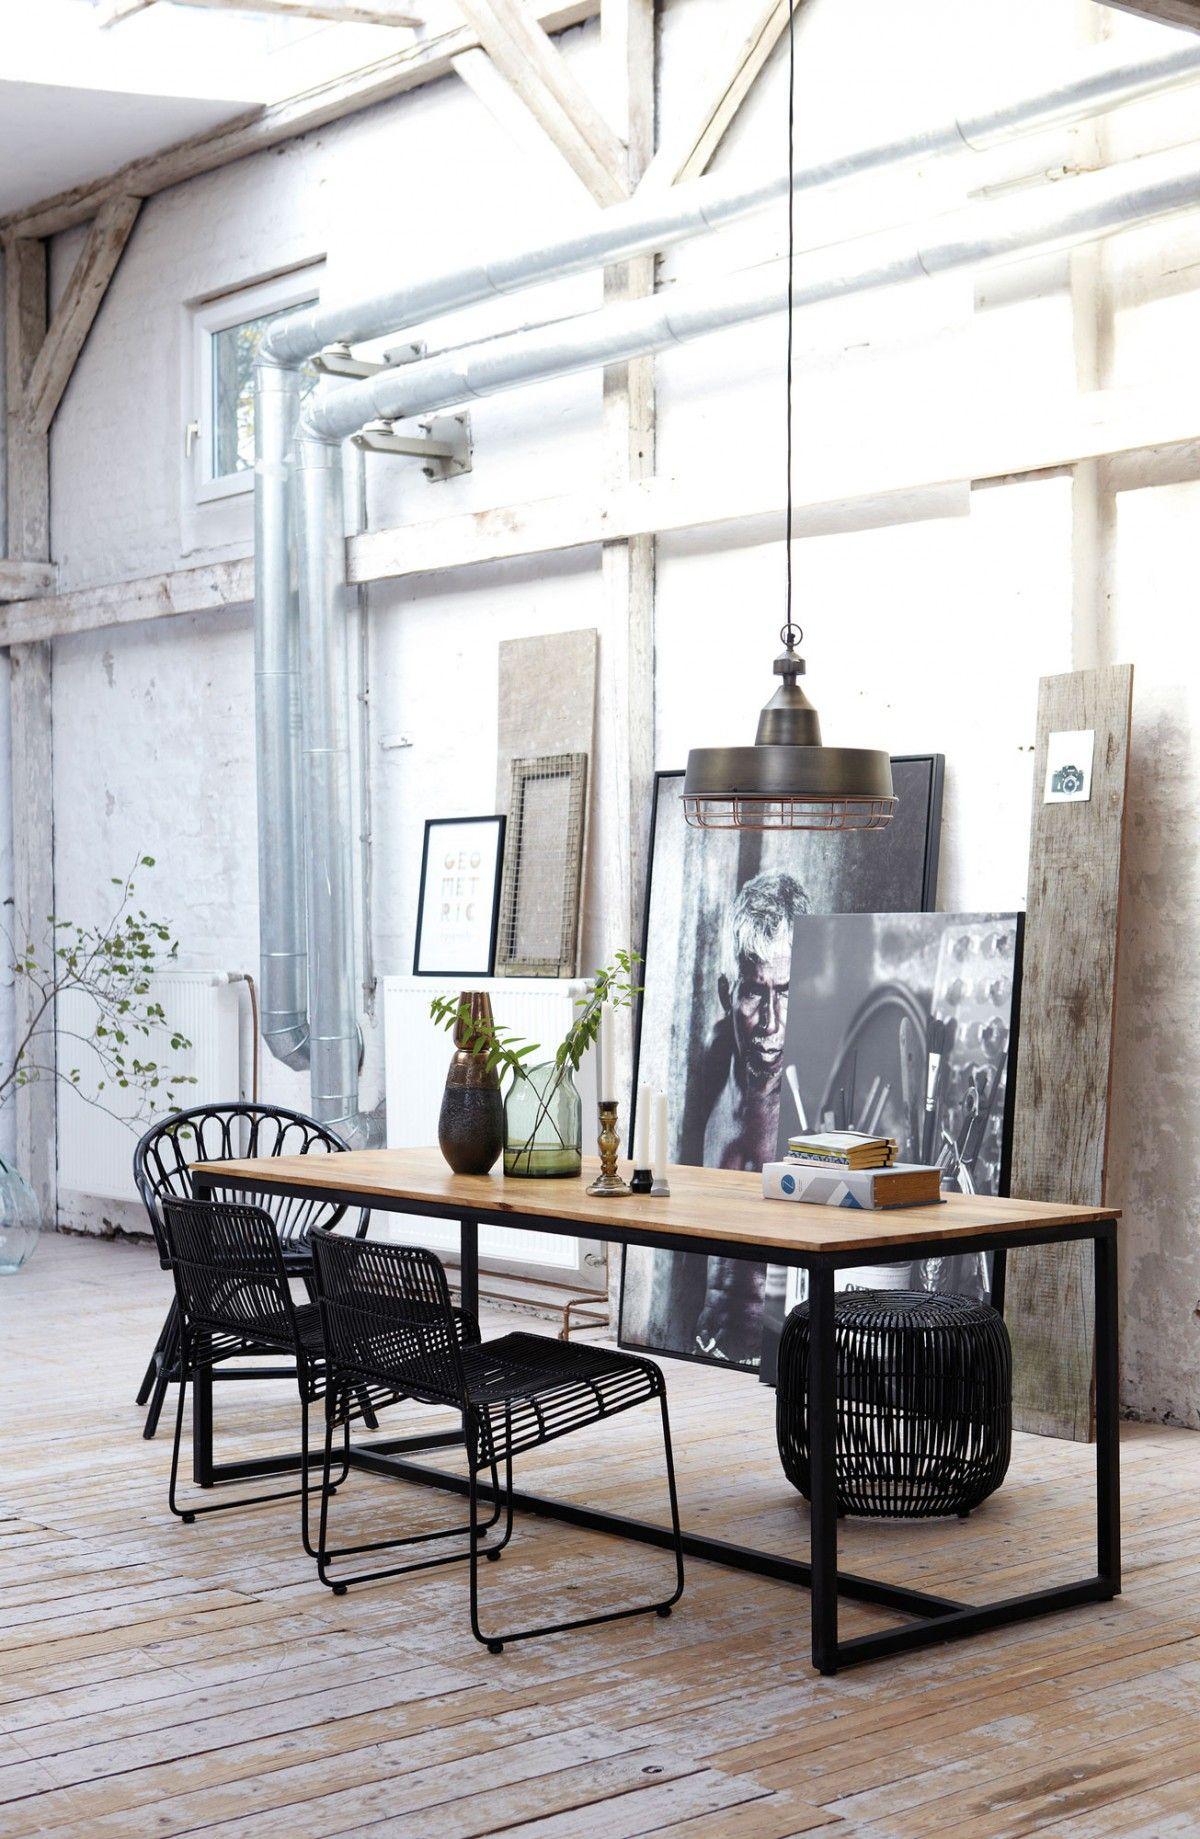 индустриальный стиль в интерьере элементы декора